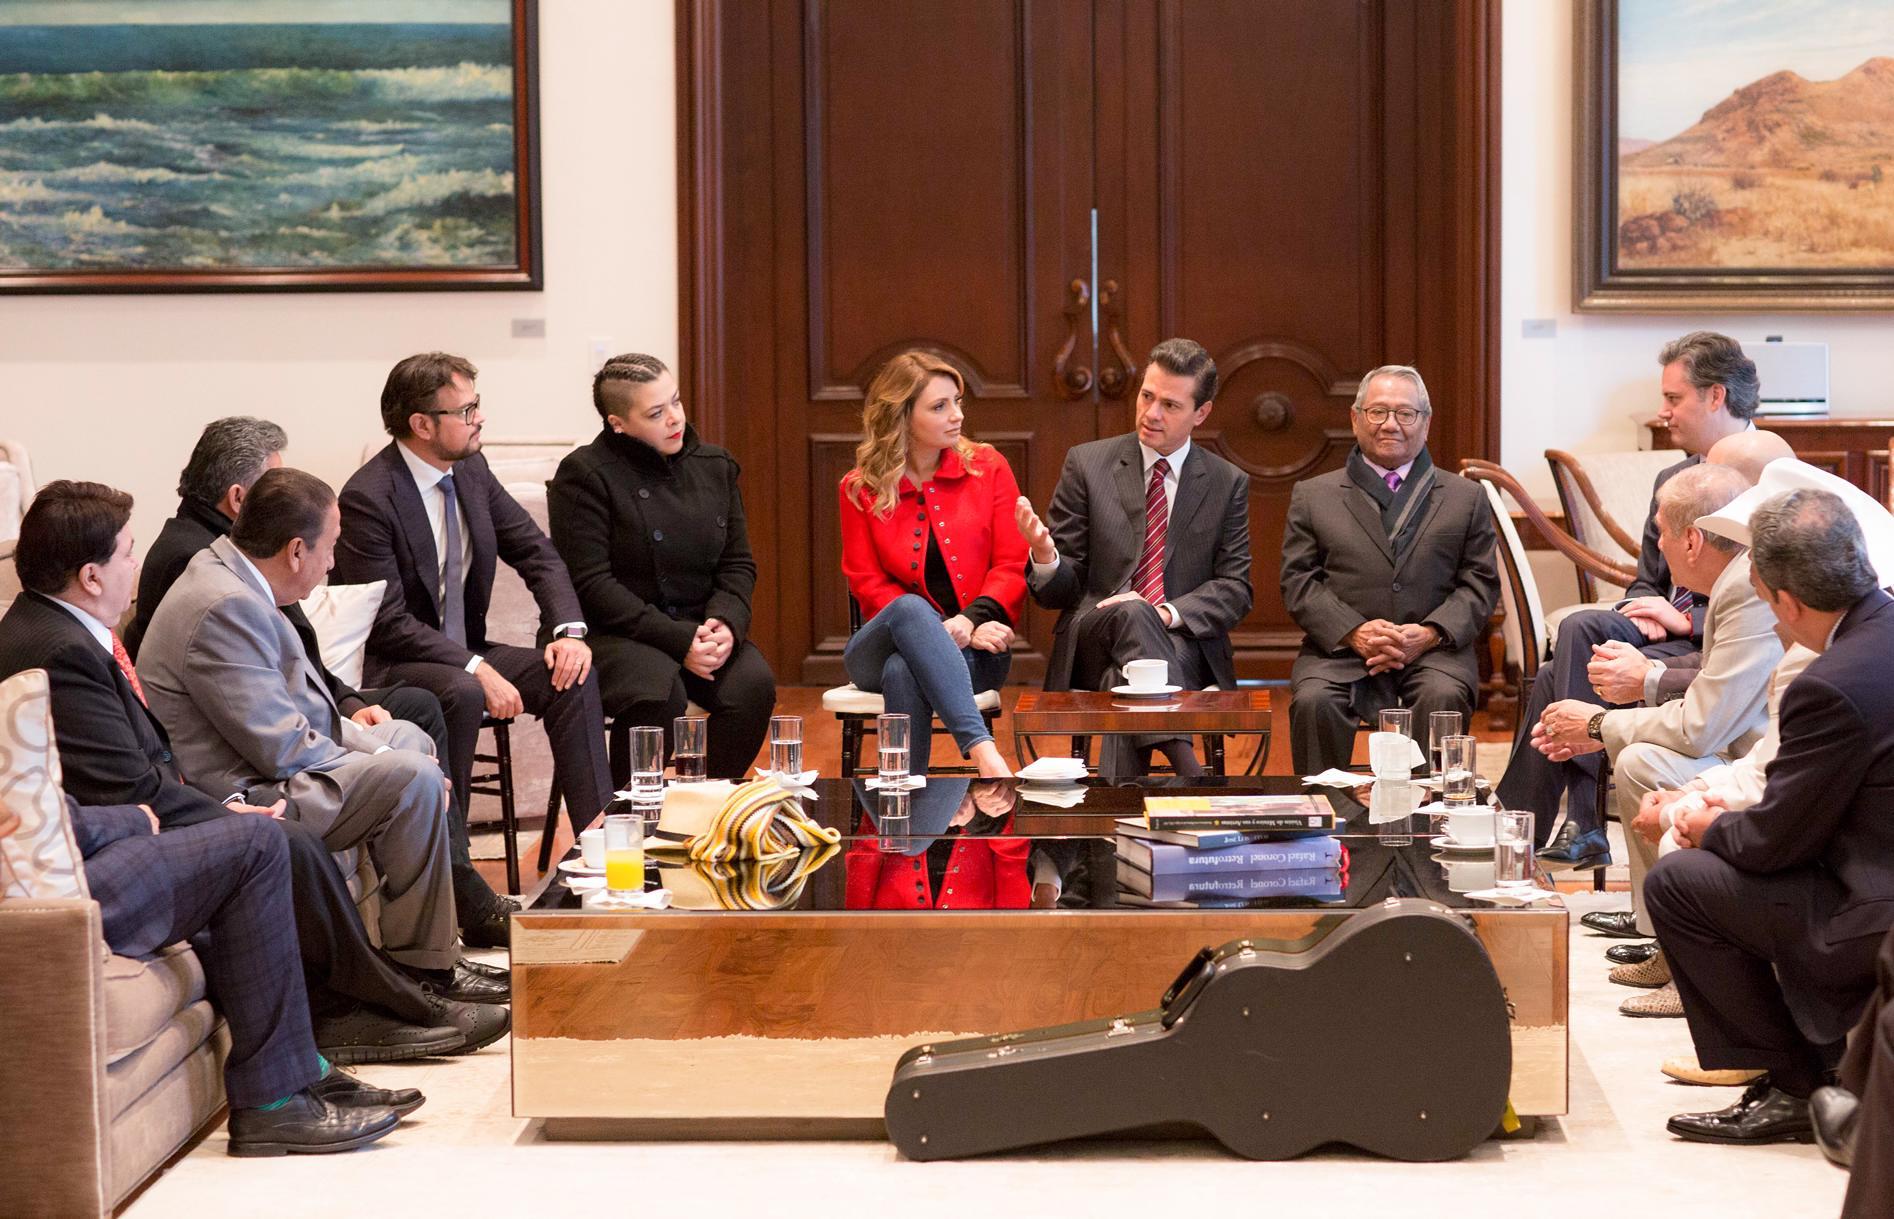 El Primer Mandatario se reúne con miembros de la Sociedad de Autores y Compositores de México.